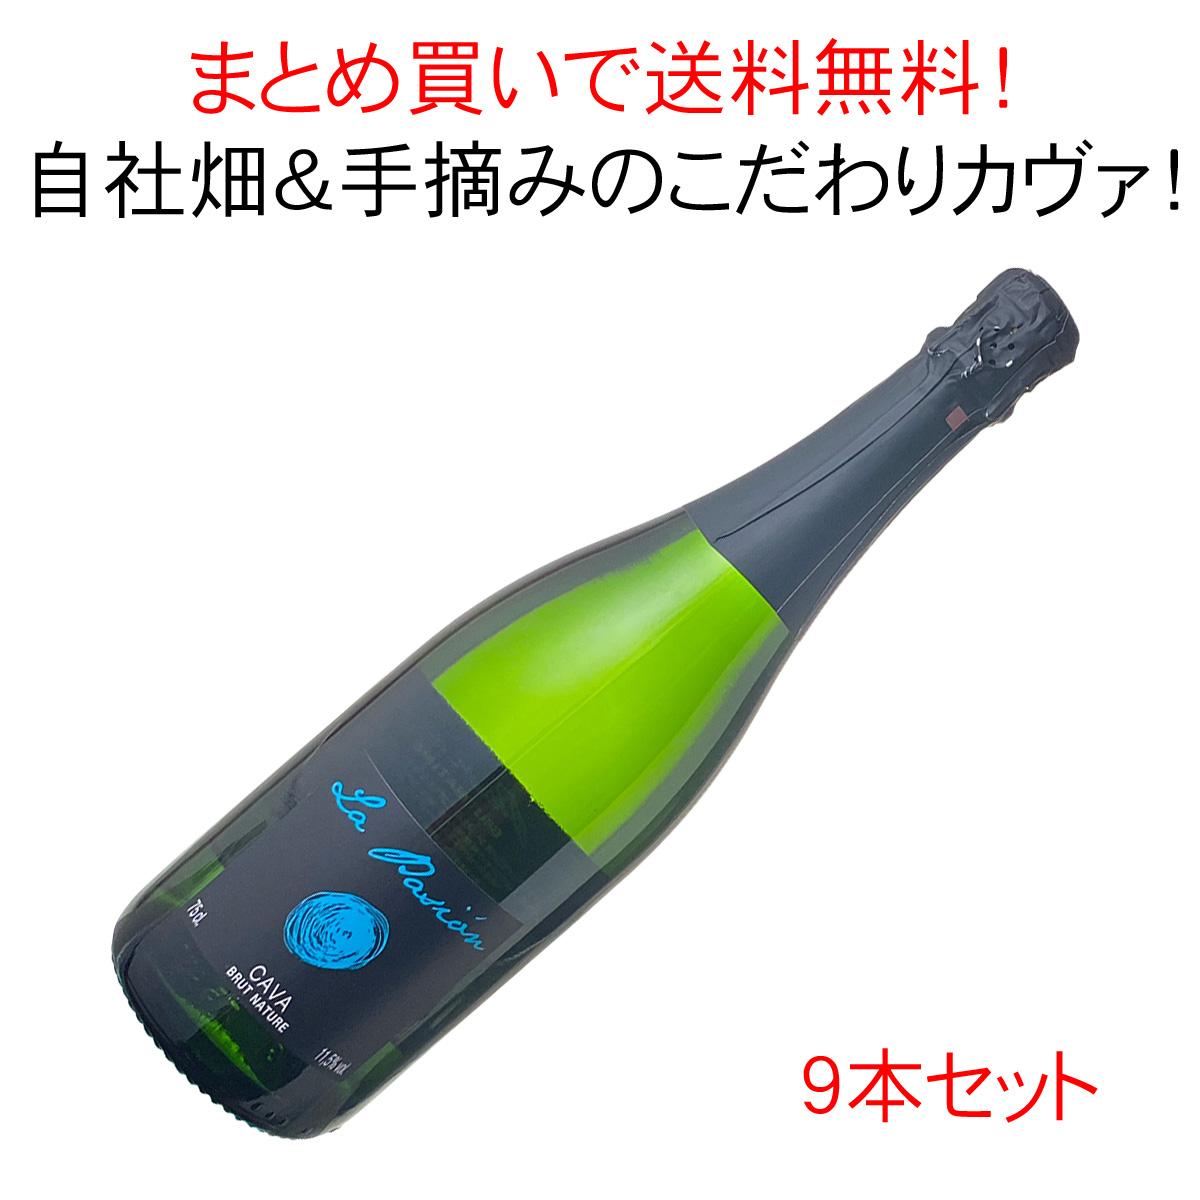 【送料無料】カヴァ ラ・パシオン ブリュット ナチューレ NV 1ケース9本セット <白> <ワイン/スパークリング>